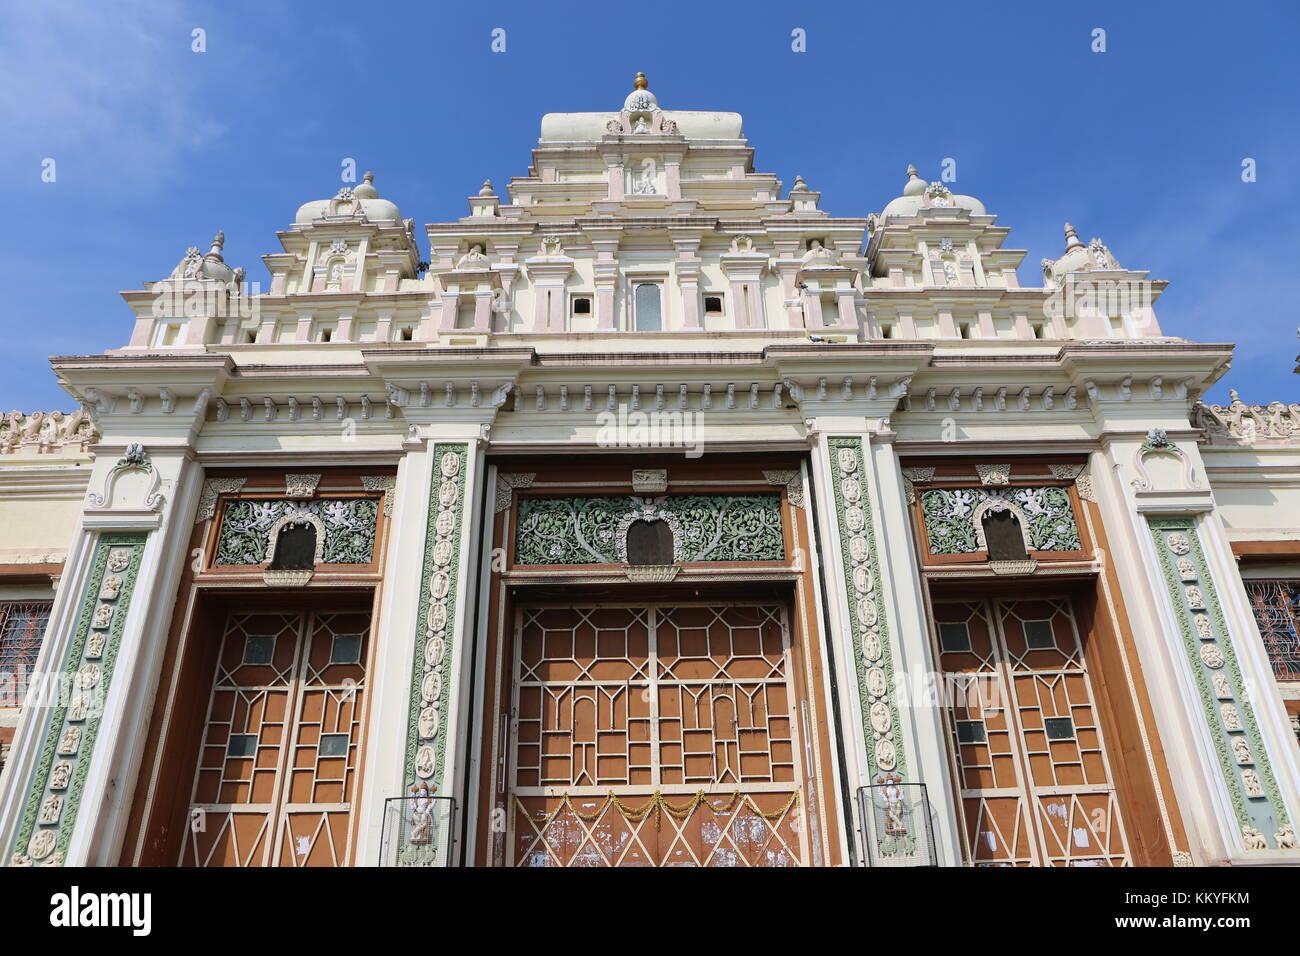 À Mysore Palace jaganmohan Photo Stock